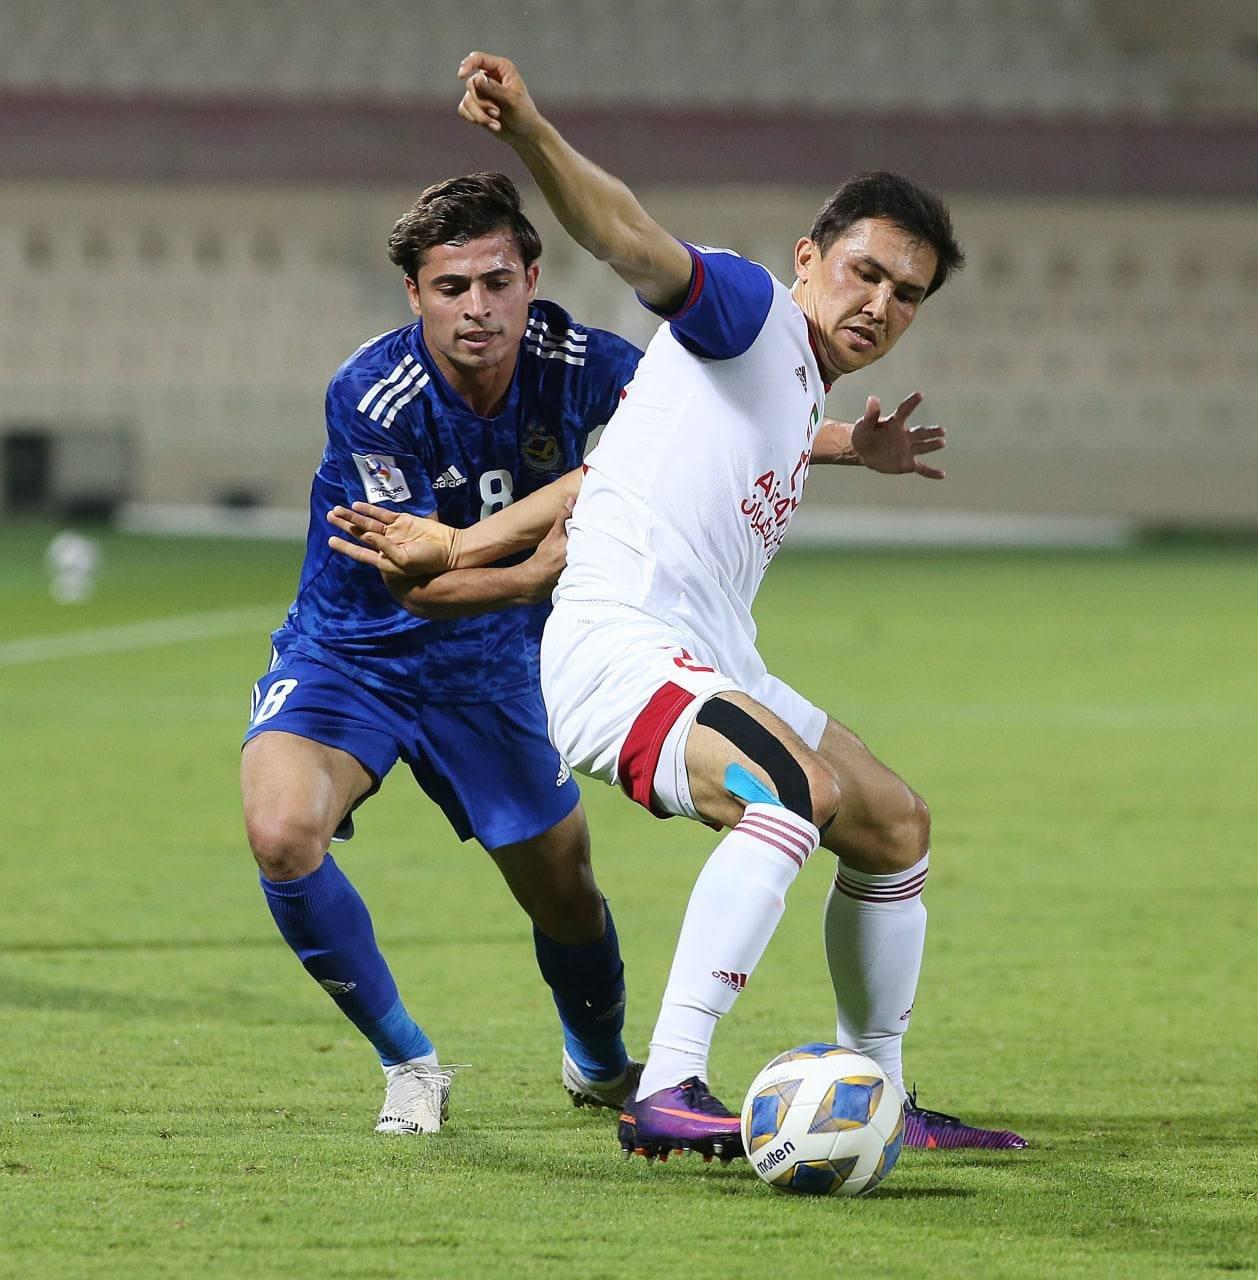 الجوية يخسر أمام الشارقة الإماراتي في دوري أبطال آسيا